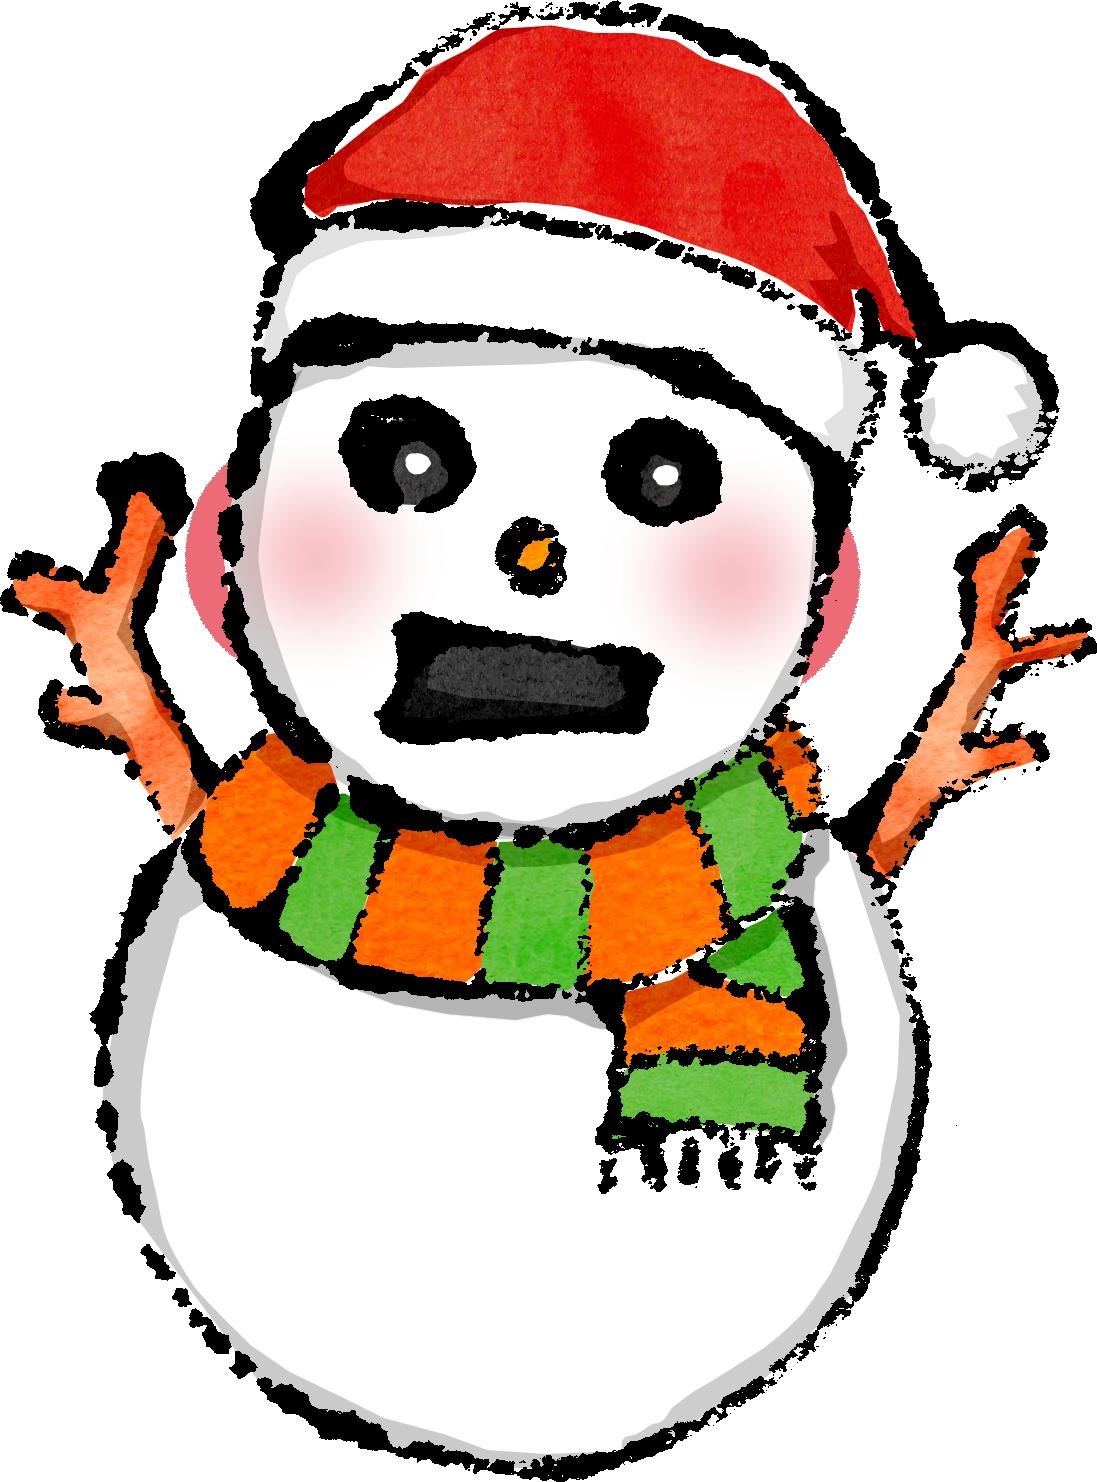 かわいい雪だるま無料イラスト無料素材